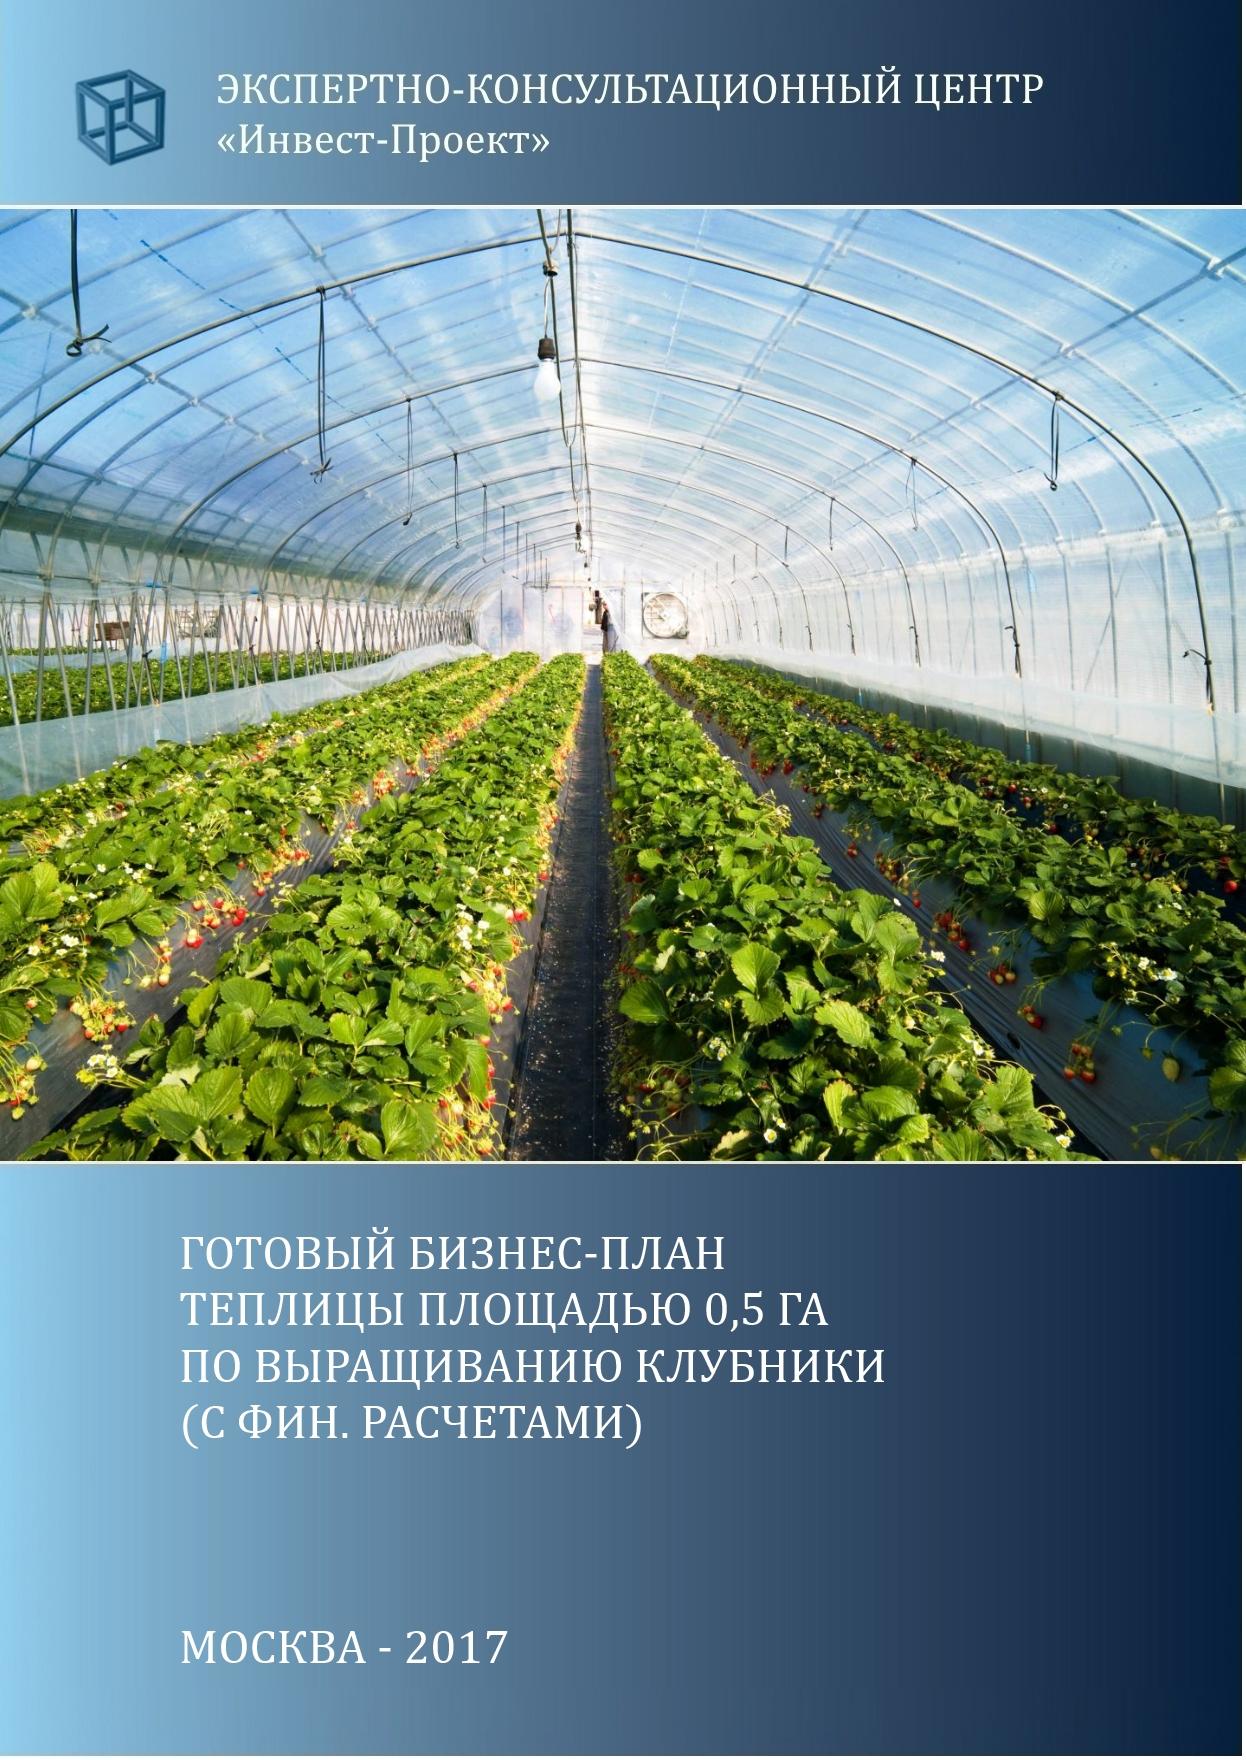 Выращивание фруктов в америке 1